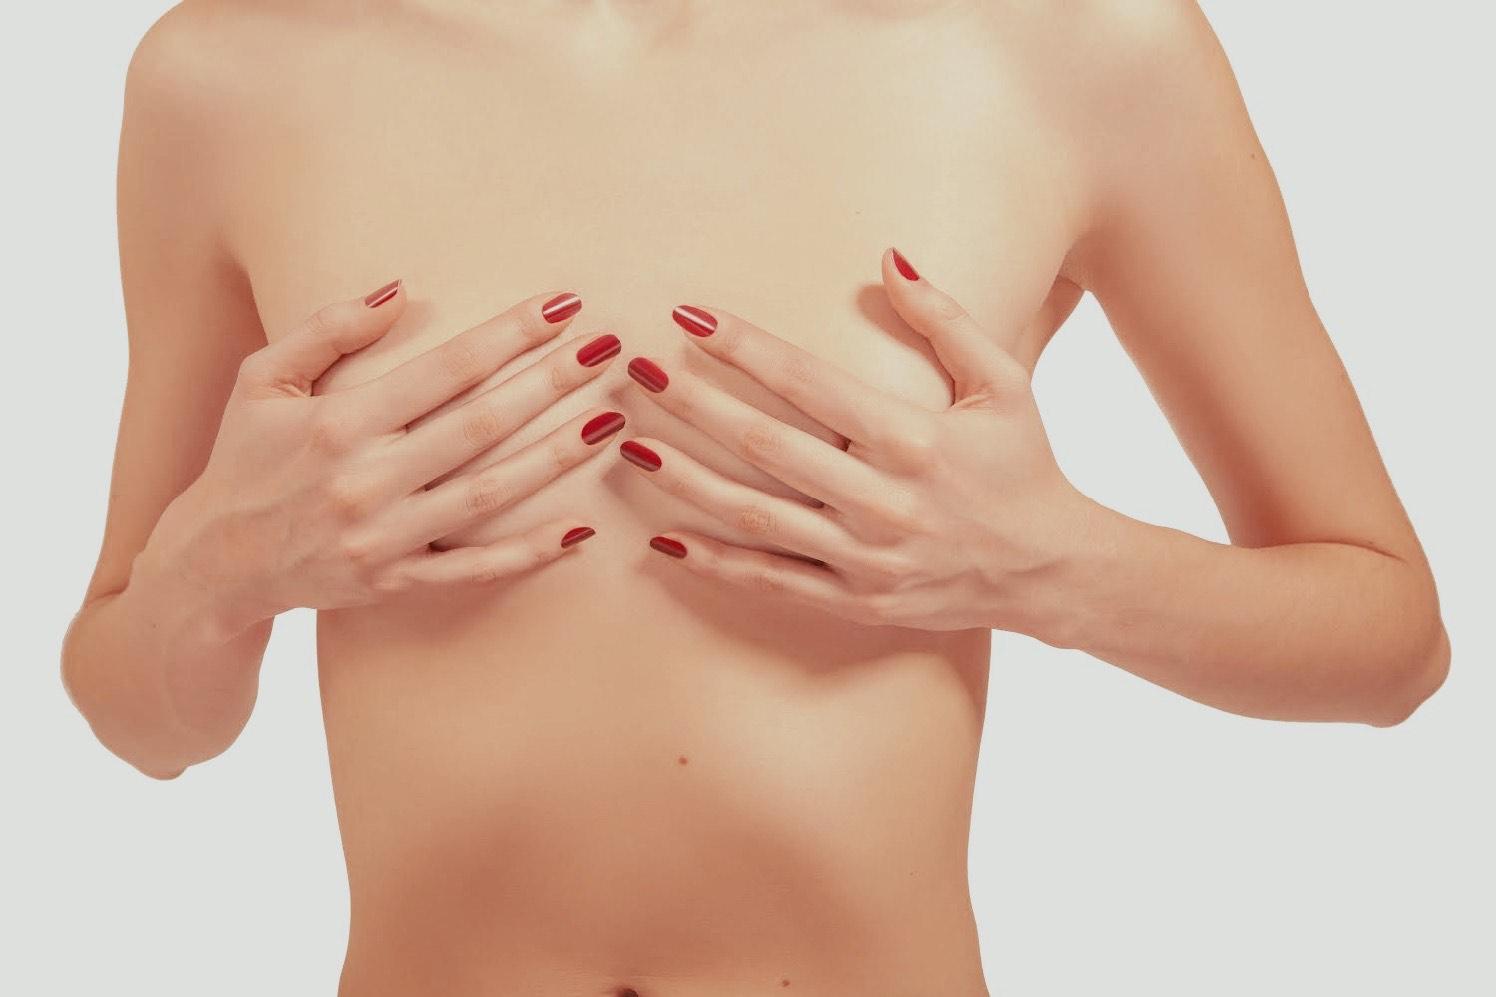 Frau mit kleinen Brüsten, Brust-OP